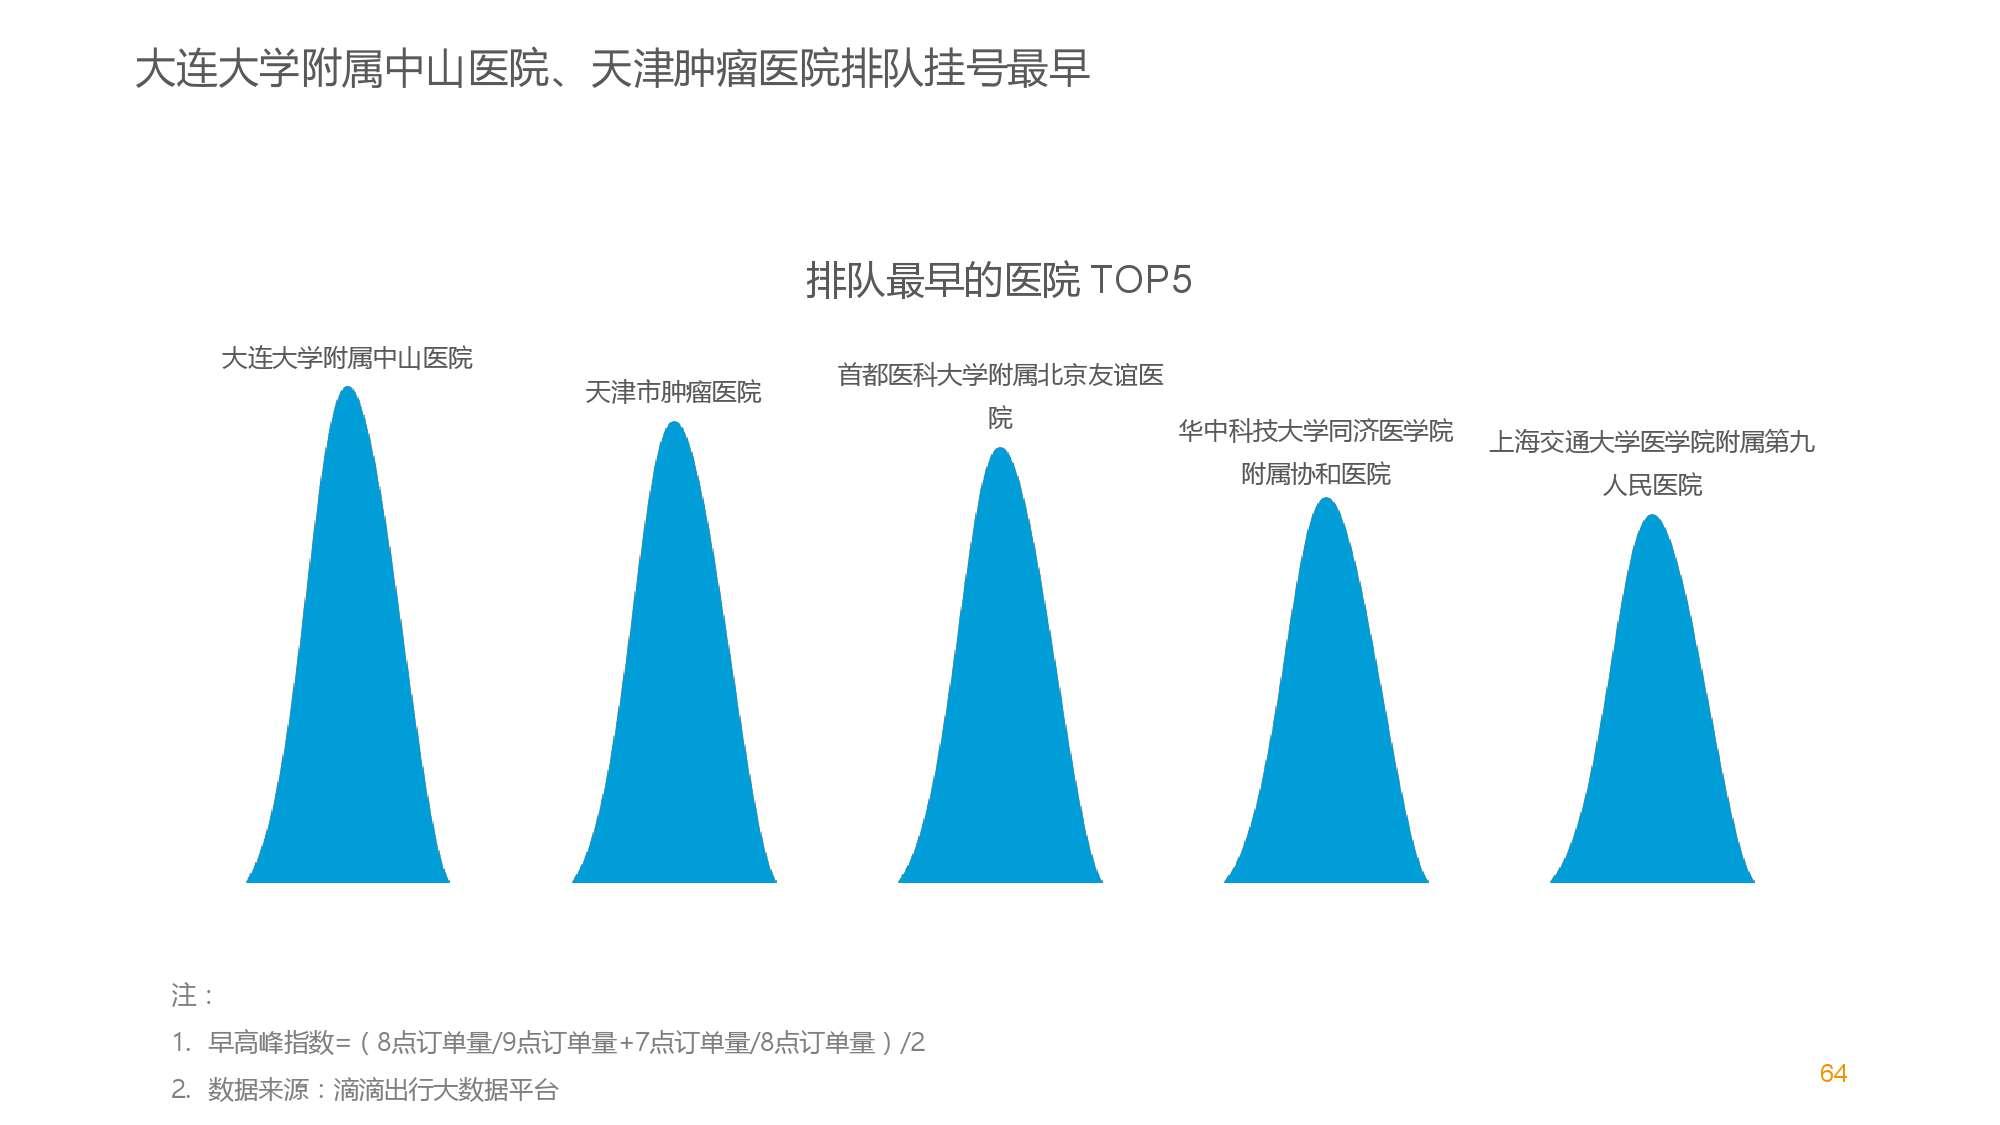 中国智能出行2015大数据报告_000064